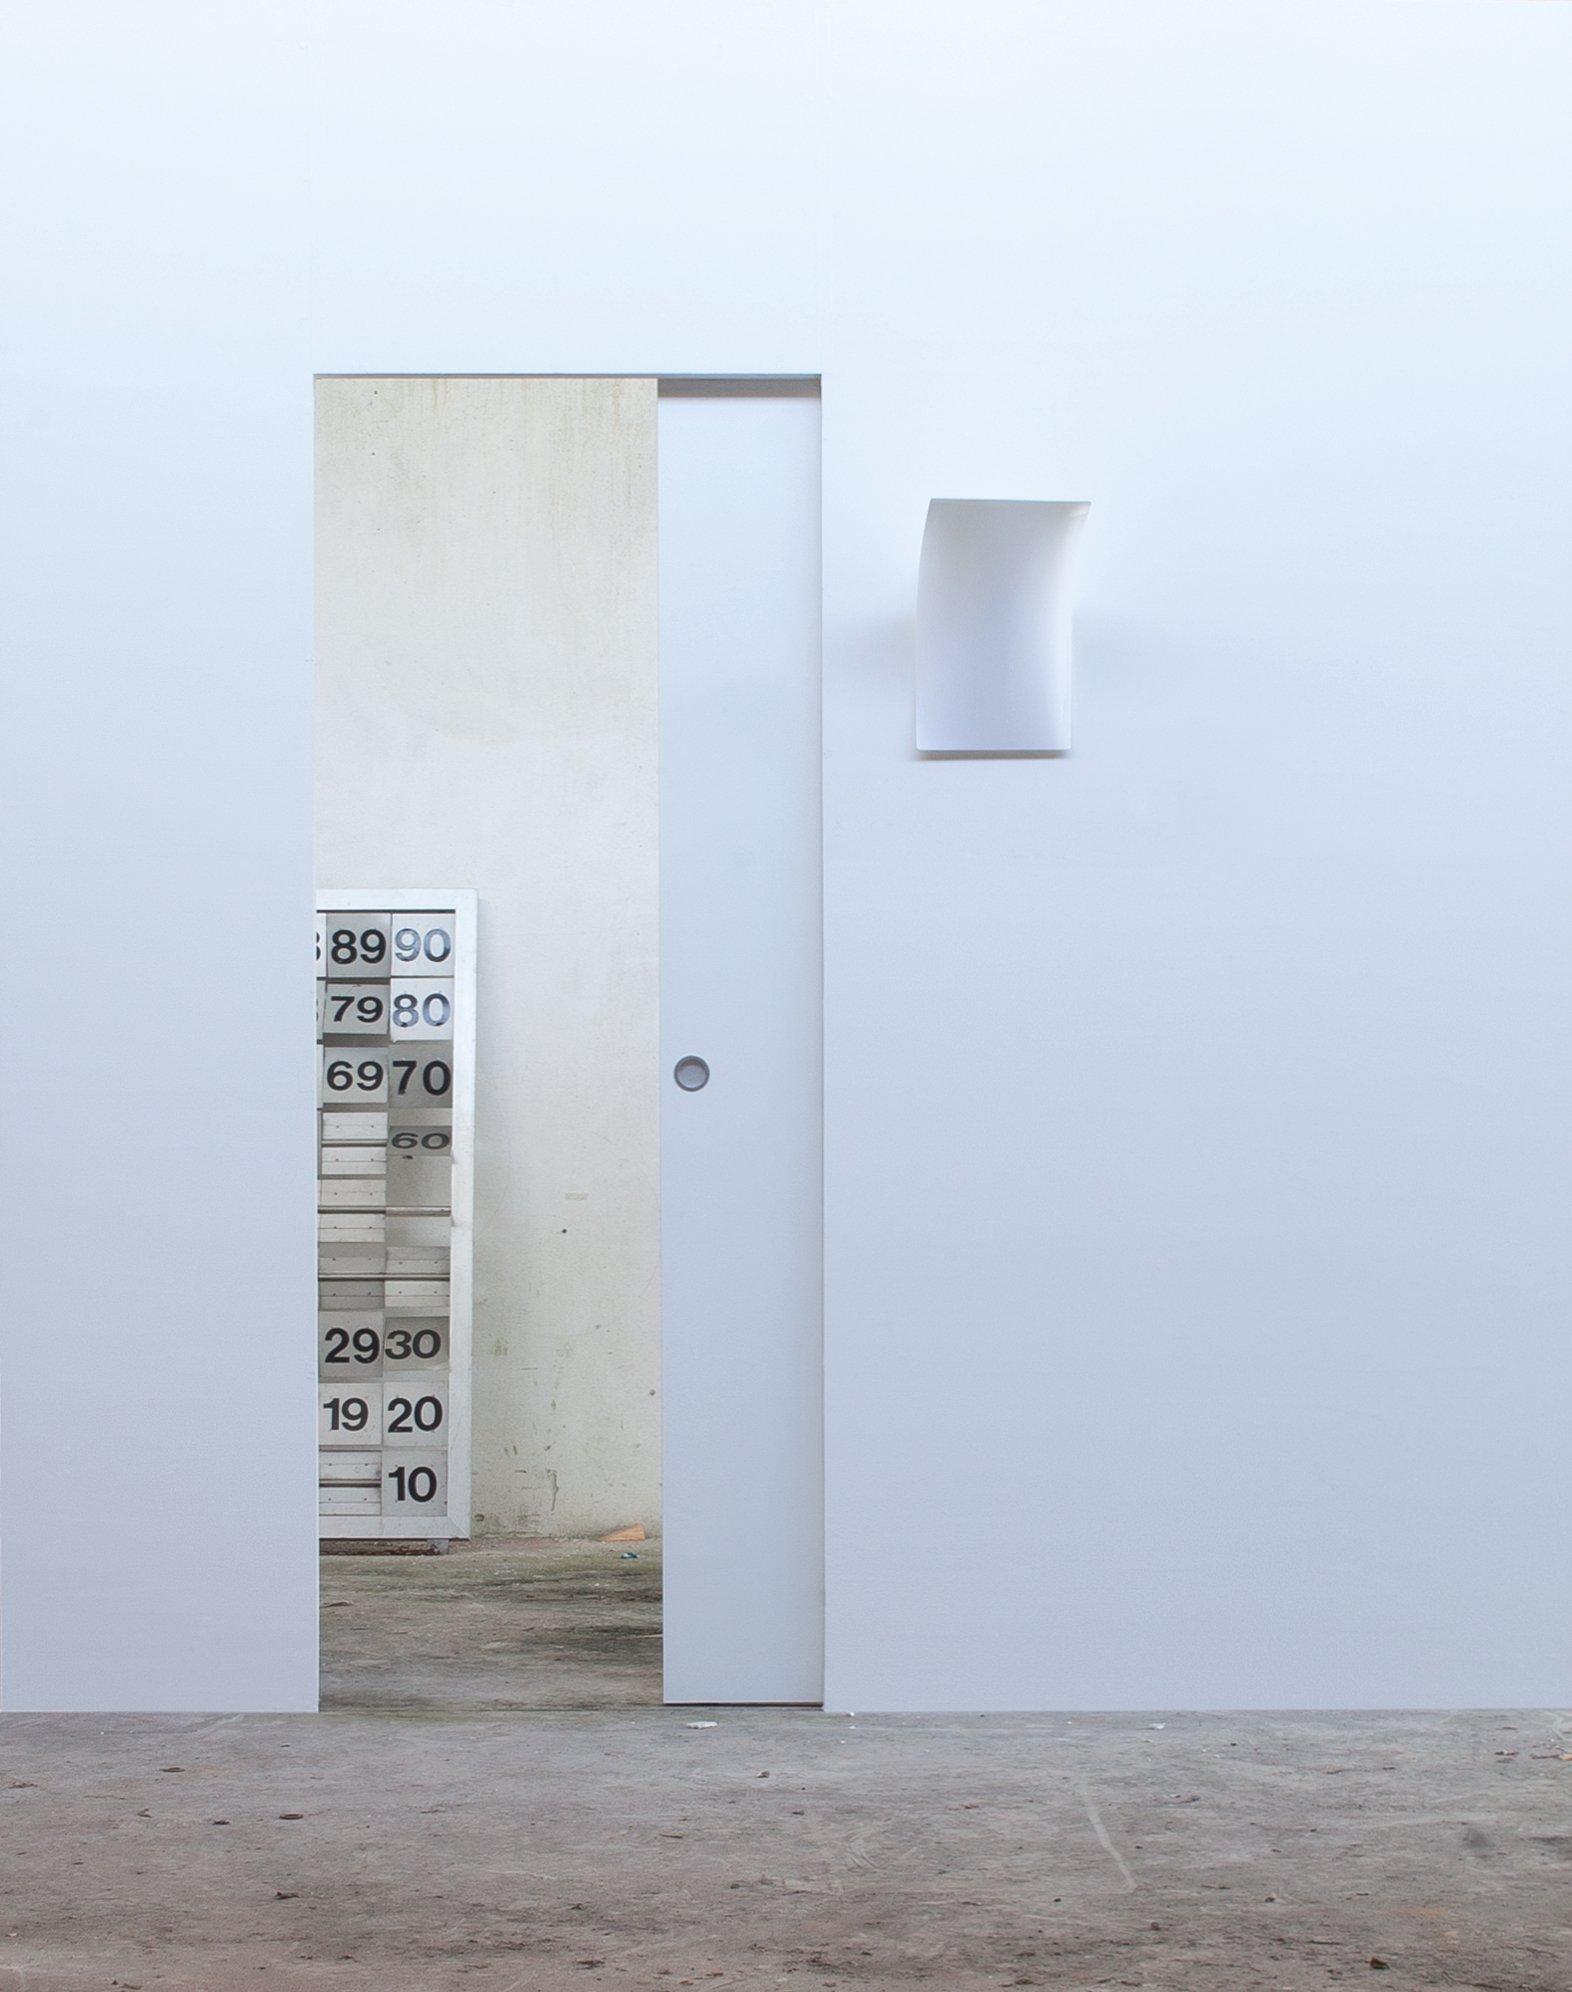 Porte scorrevoli per risolvere problemi di spazio cose di casa - Porte scorrevoli interno muro prezzi ...